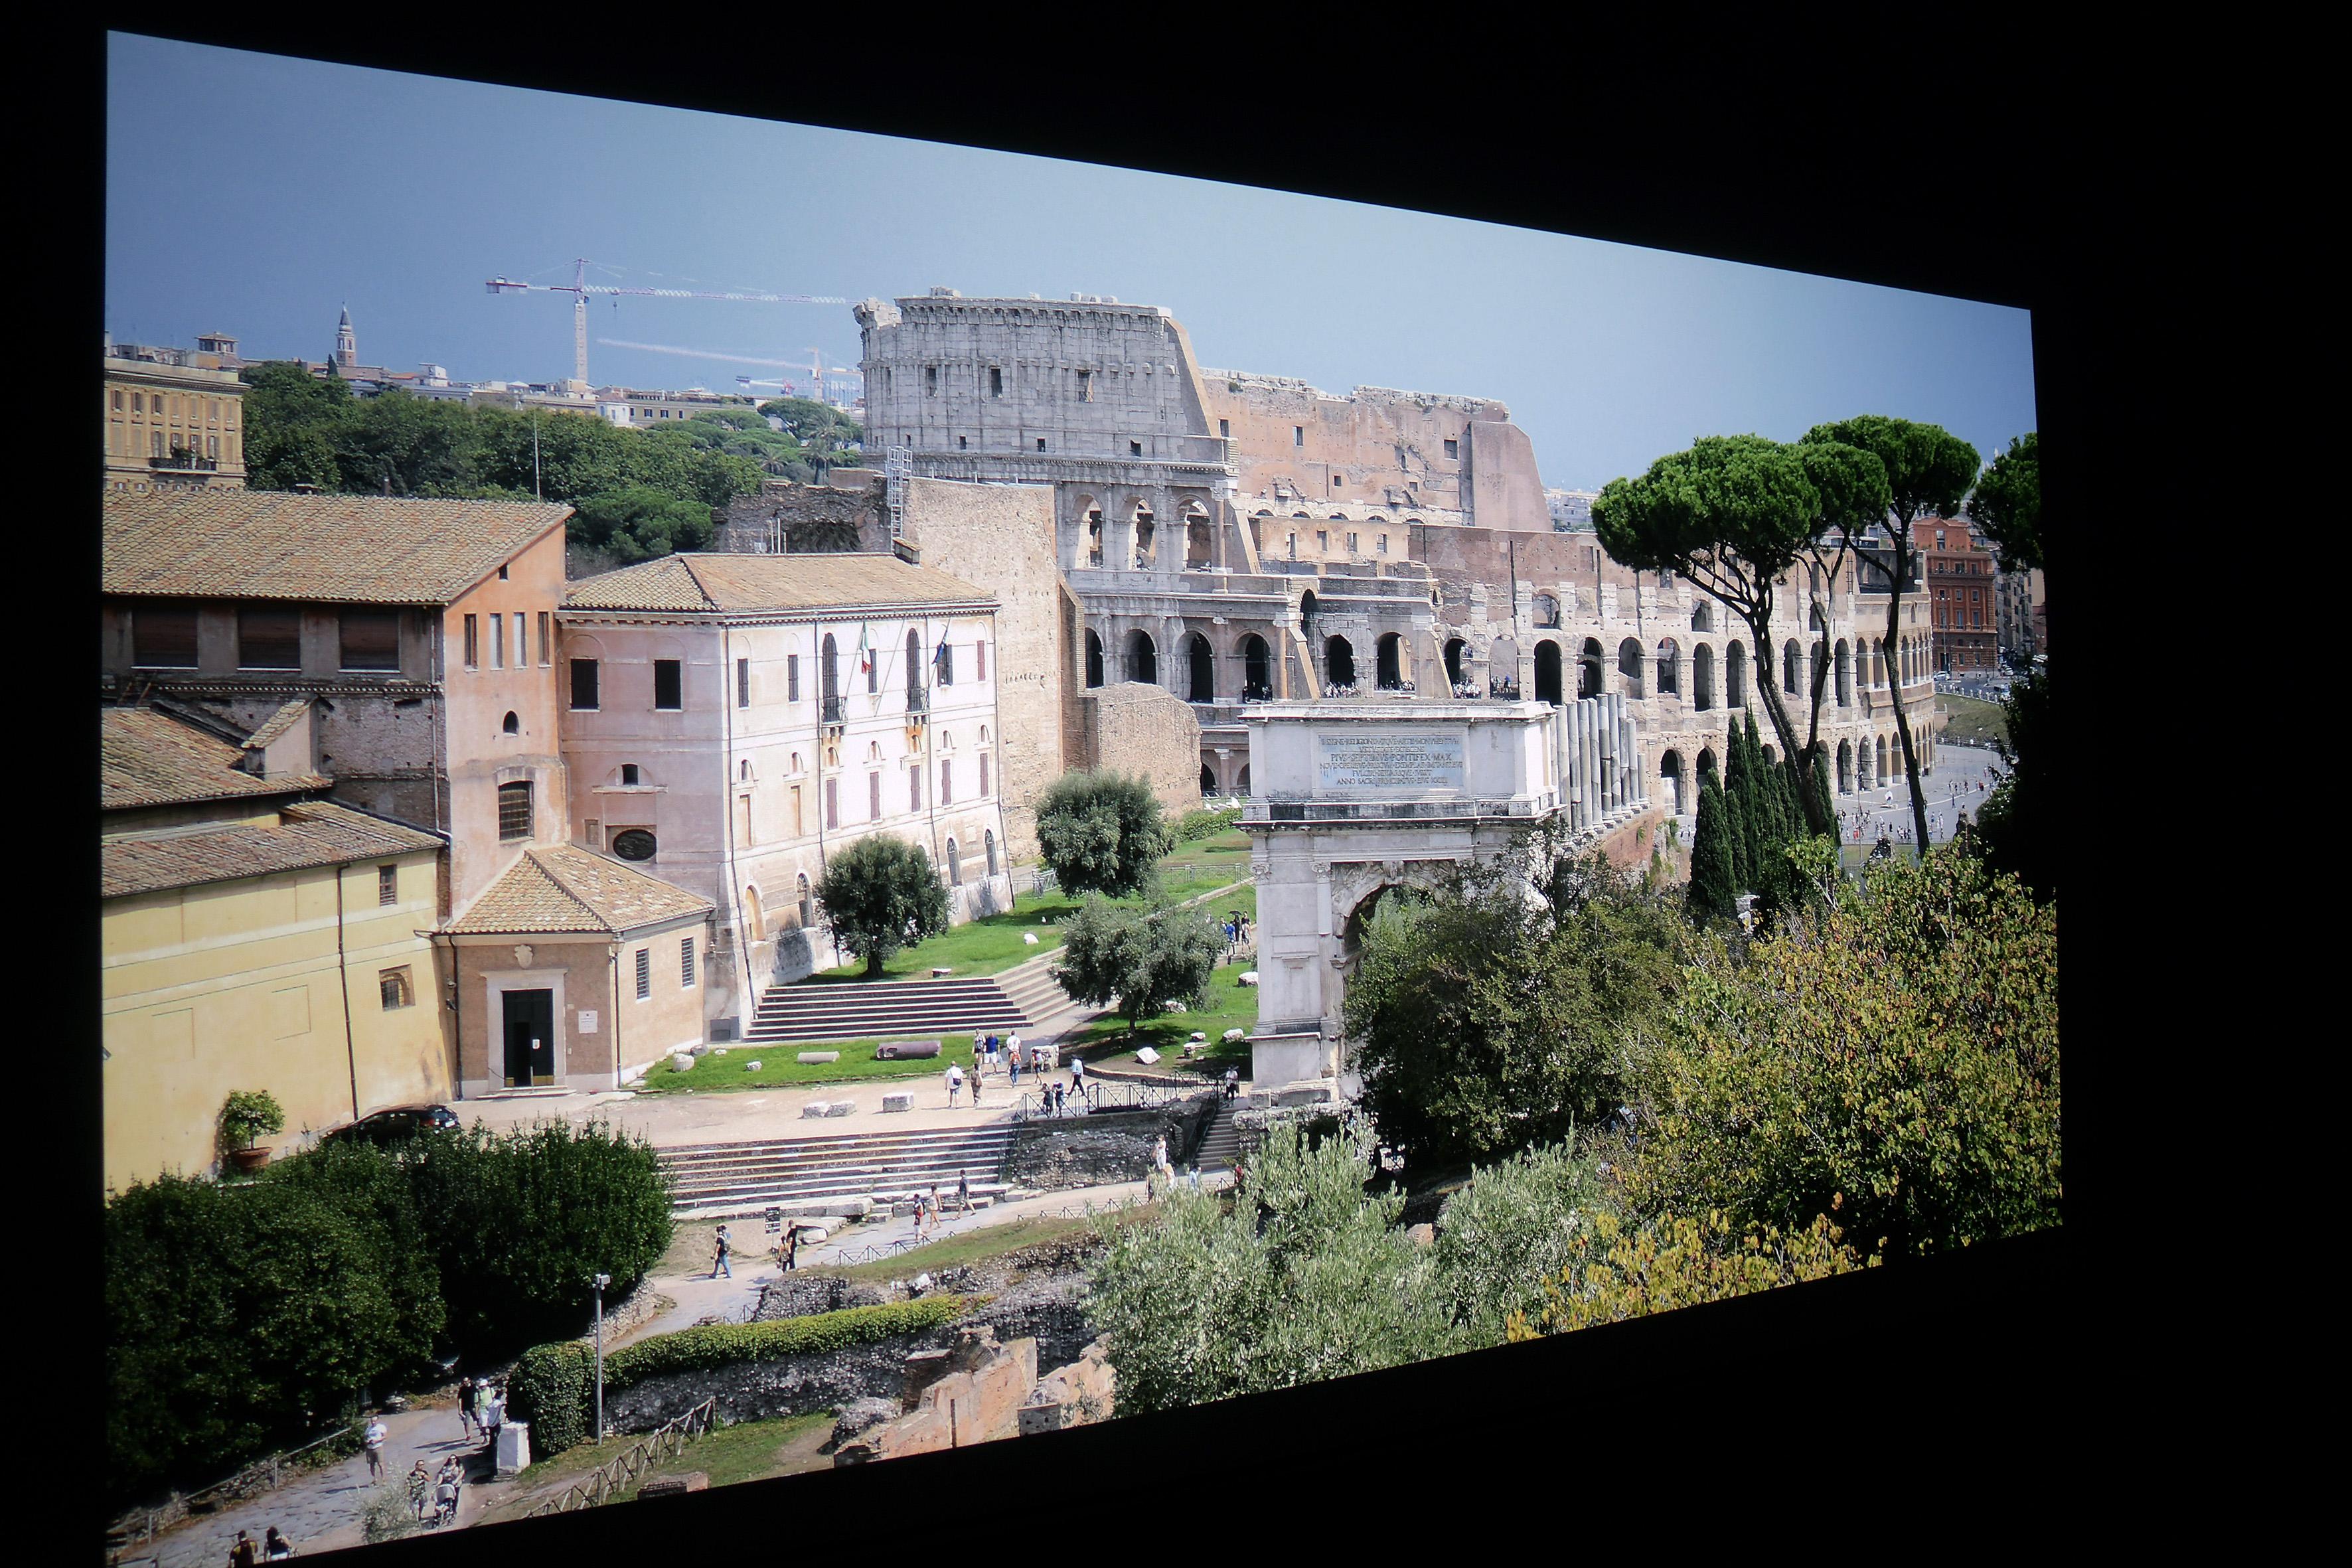 Foto: Michael B. Rehders (Originalaufnahme) Kurz vor einem Gewitter entstand diese Aufnahme in Rom.